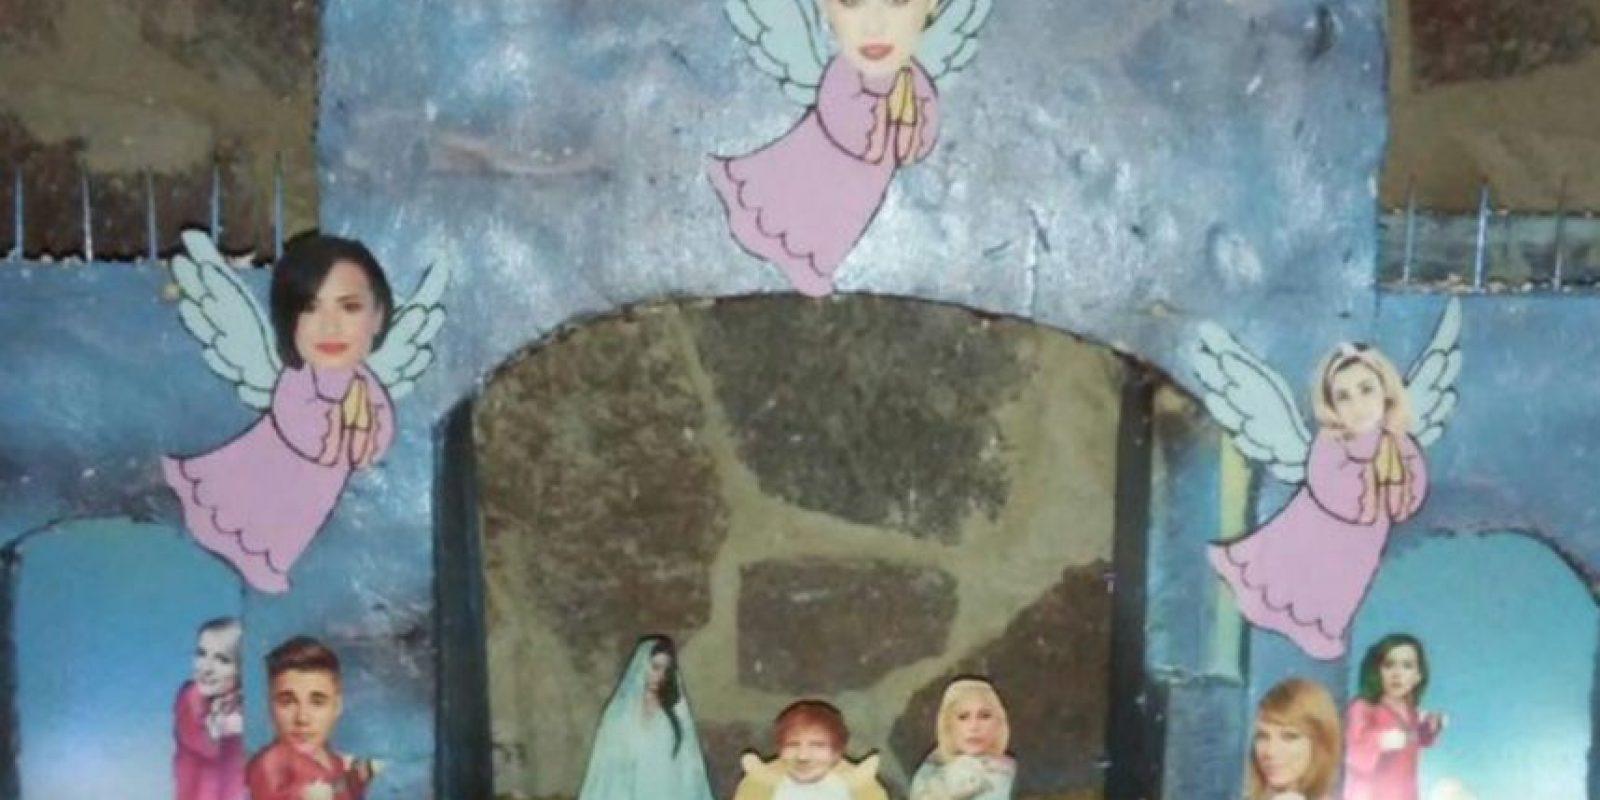 En algunos casos usaron personalidades conocidas como Miley Cyrus, para reir de la propuesta. Foto:Vía Twitter